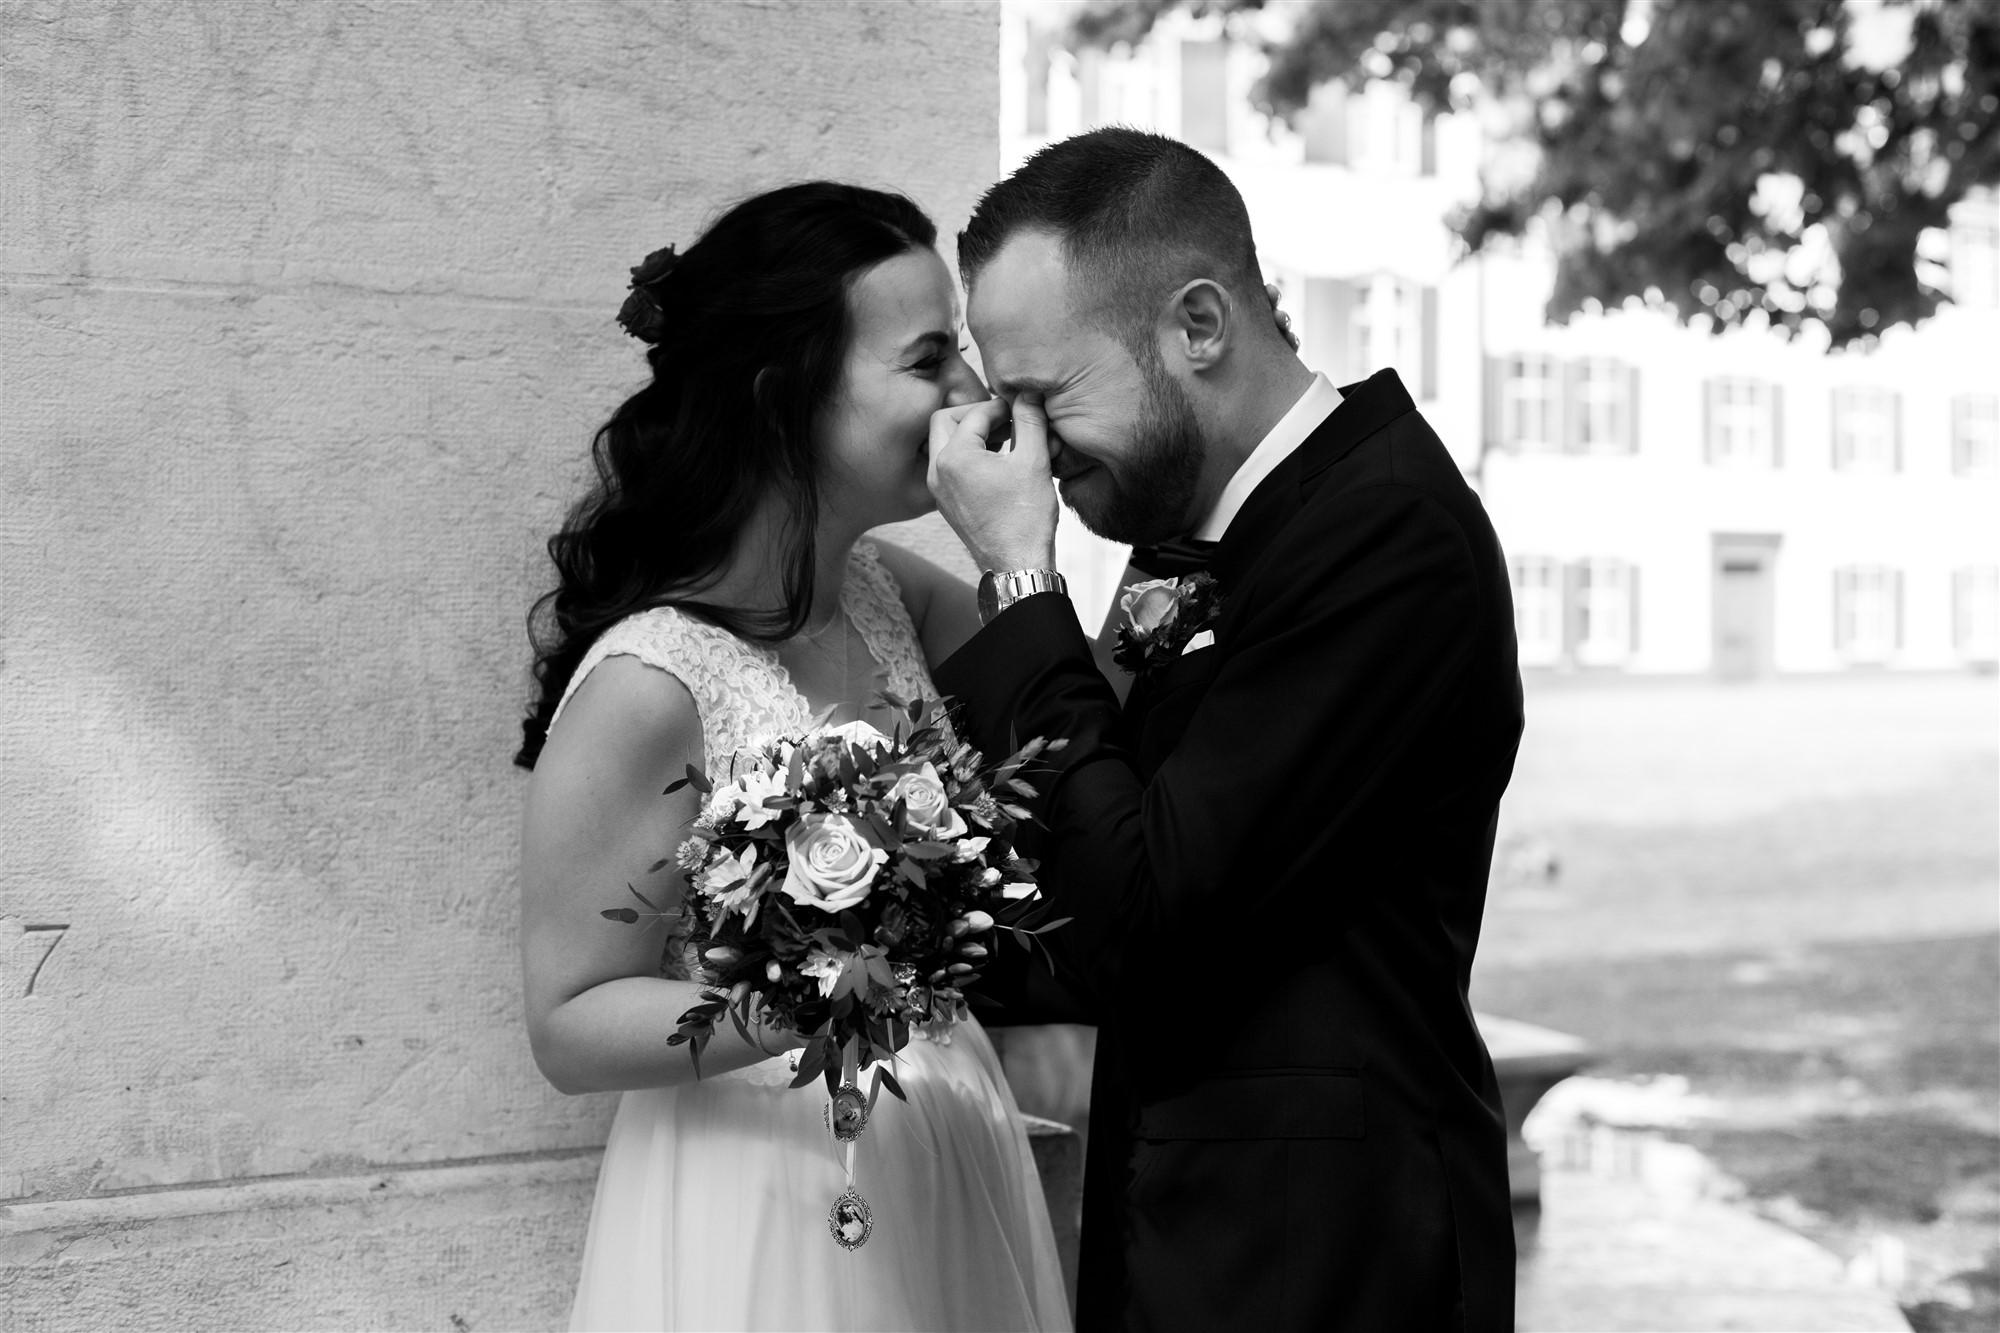 Der Bräutigam weint vor Glück - First Look - Hochzeitsfotografen Basel